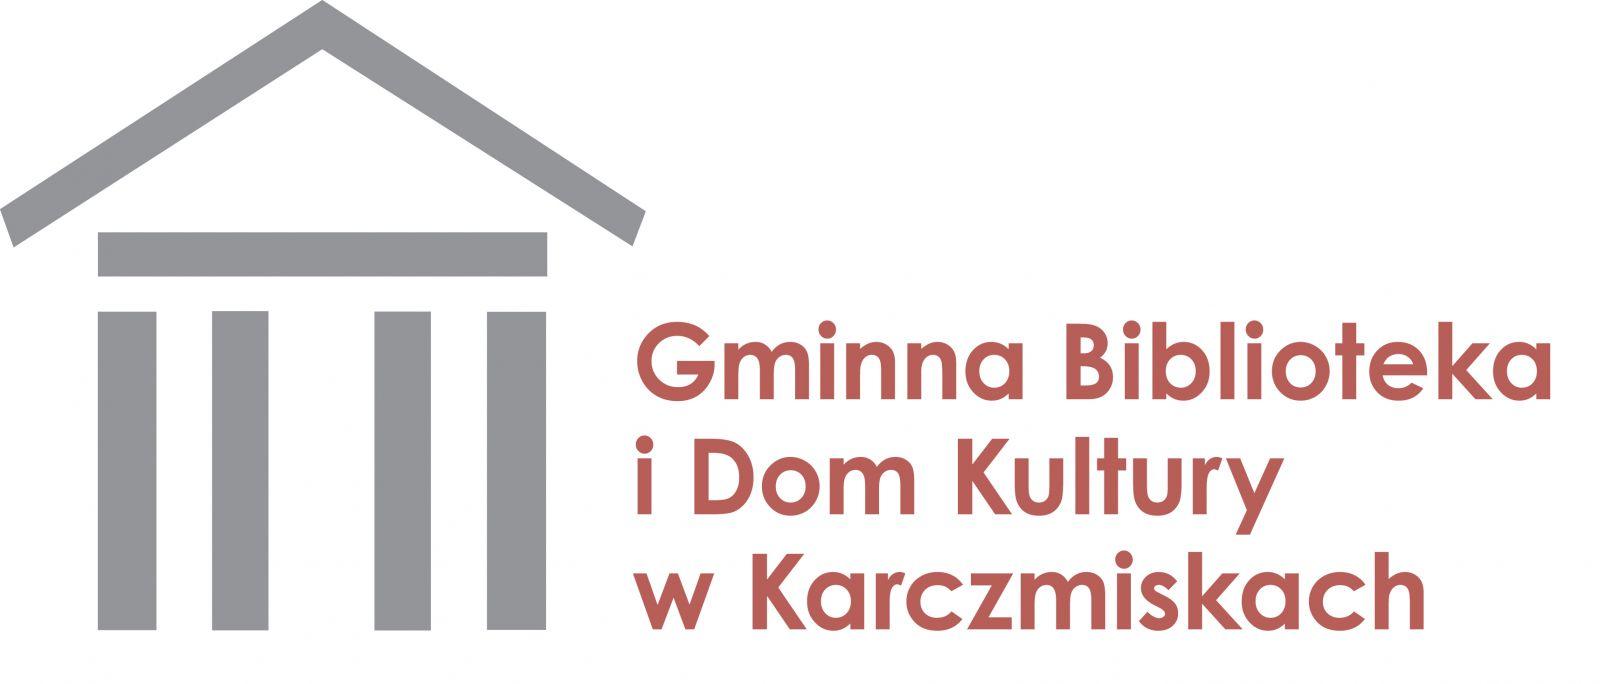 Strona Gminnej Biblioteki i Domu Kultury w Karczmiskach